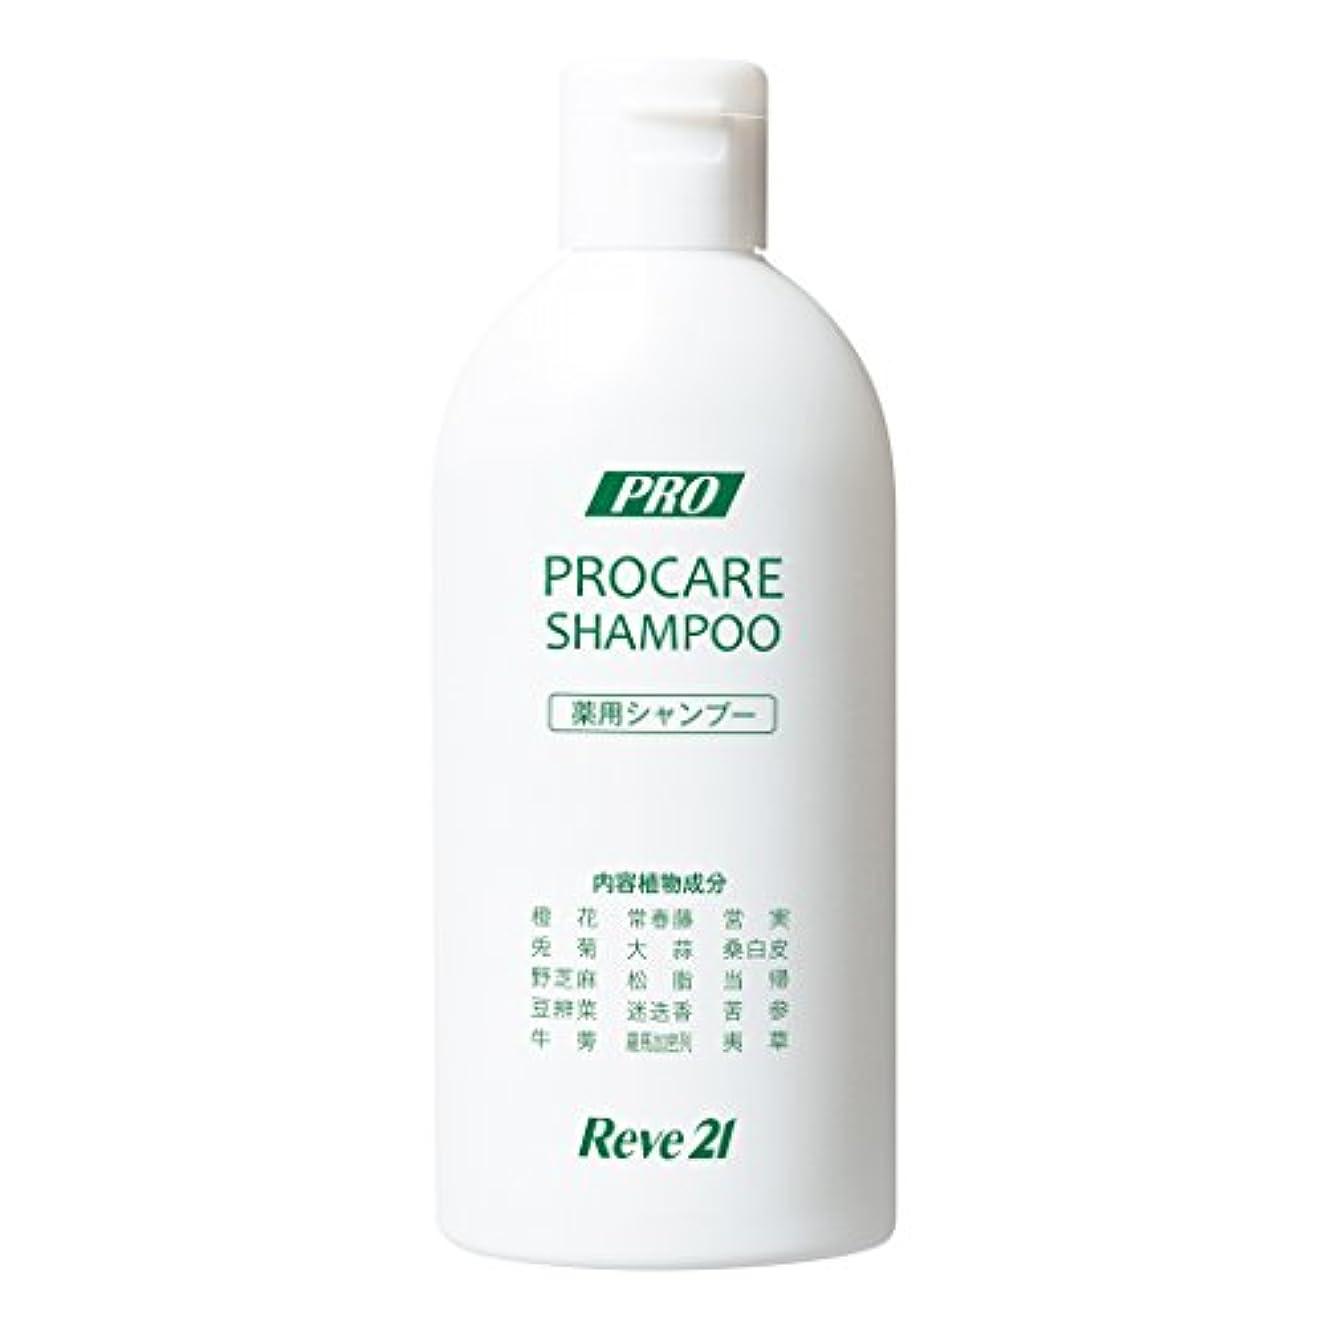 引数舗装する好色な発毛専門リーブ21 [医薬部外品] 薬用プロケアシャンプー(200ml)